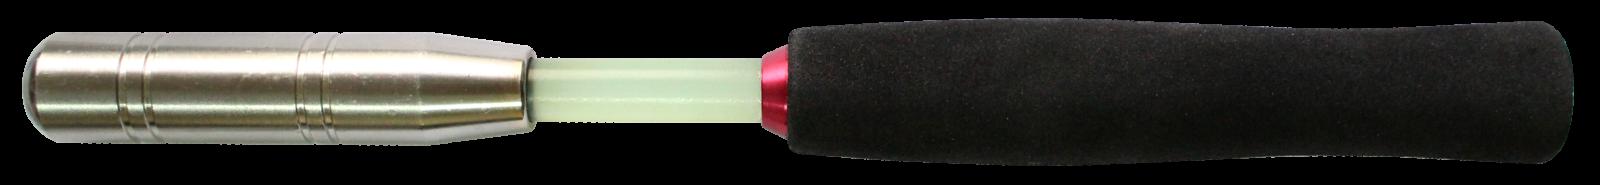 FTM-Fischtöter Big 30 cm 264 g